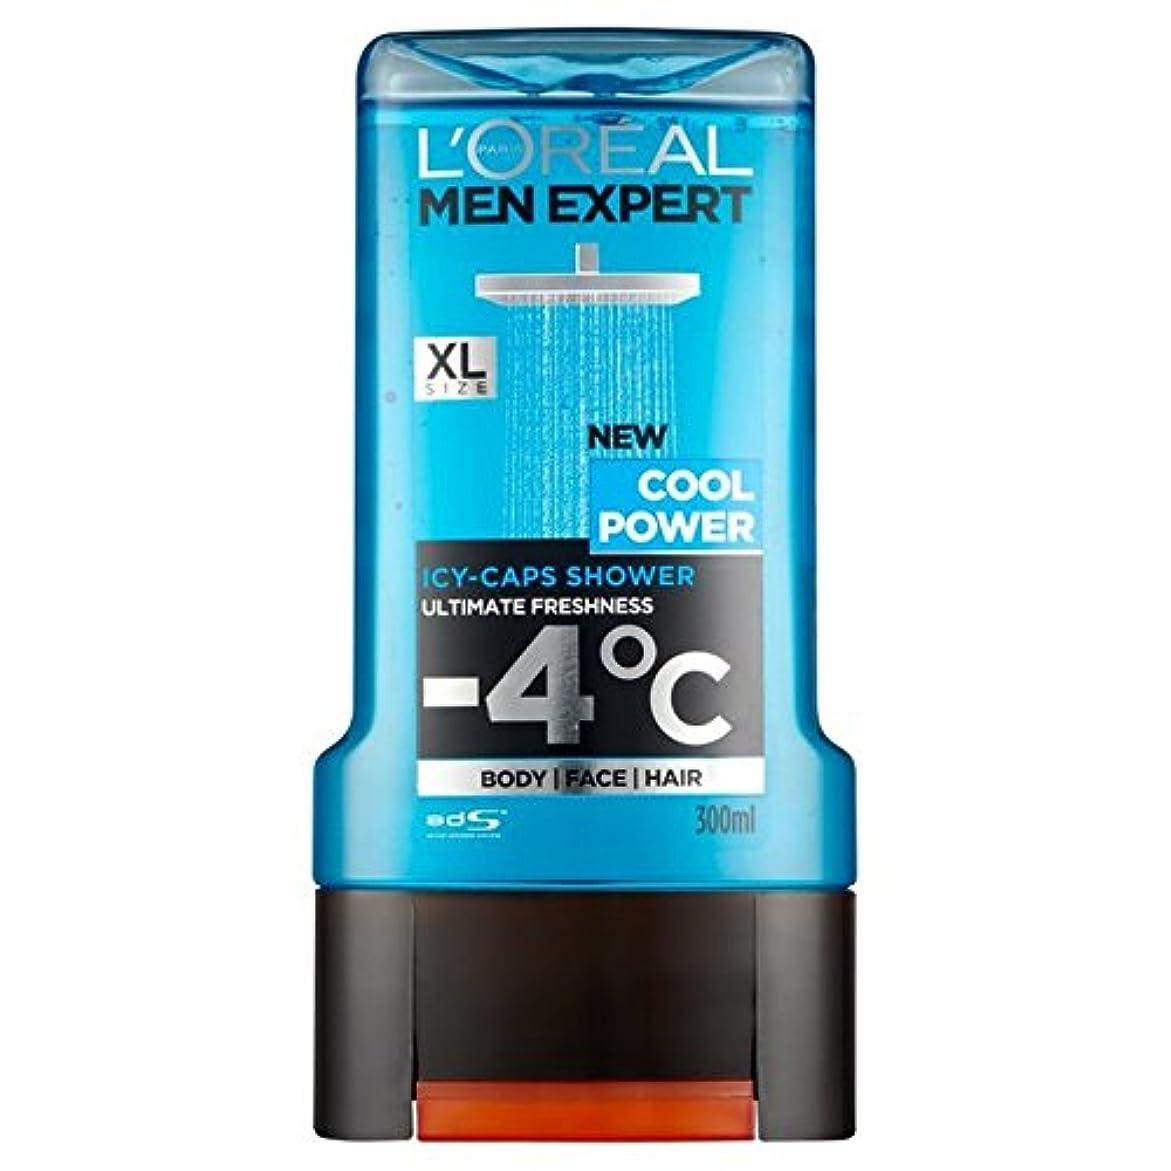 ダルセットヨーロッパ社会学L'Oreal Paris Men Expert Cool Power Shower Gel 300ml - ロレアルパリの男性の専門家のクールなパワーシャワージェル300ミリリットル [並行輸入品]